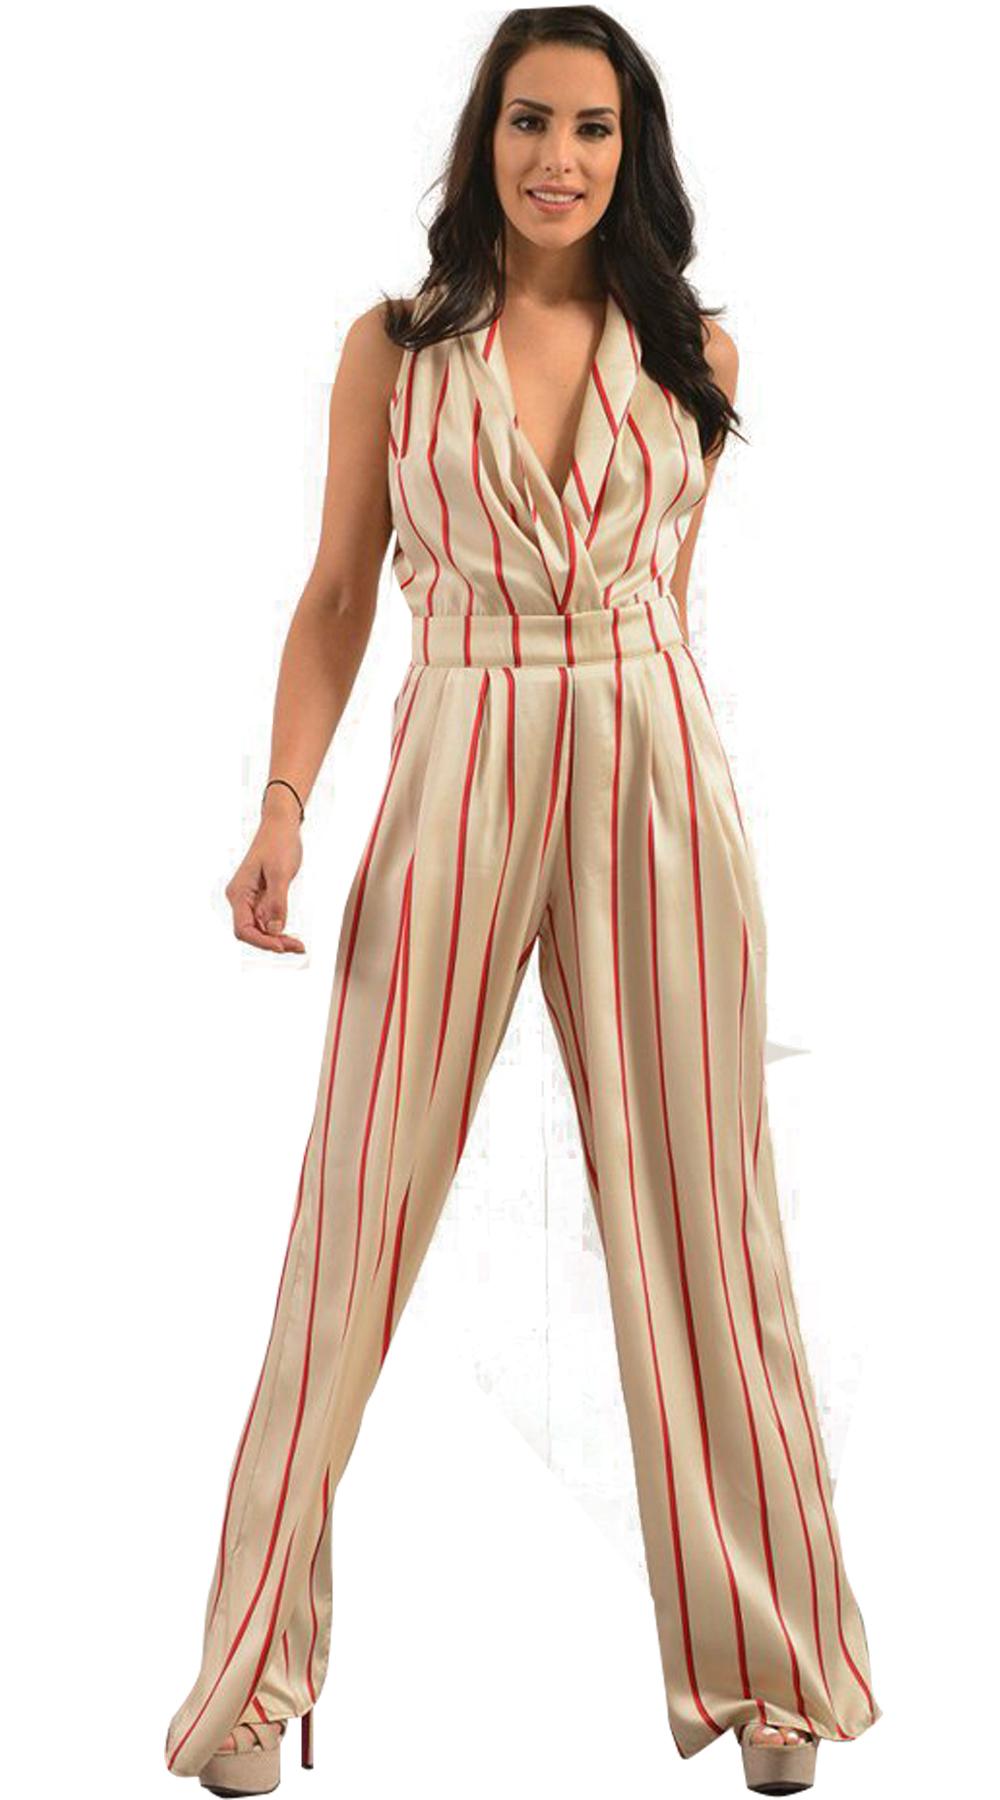 Γυναικεία ολόσωμη ριγέ φόρμα σατινέ - LOVE ME - SP18LV-200129 ενδύματα ολόσωμες φόρμες